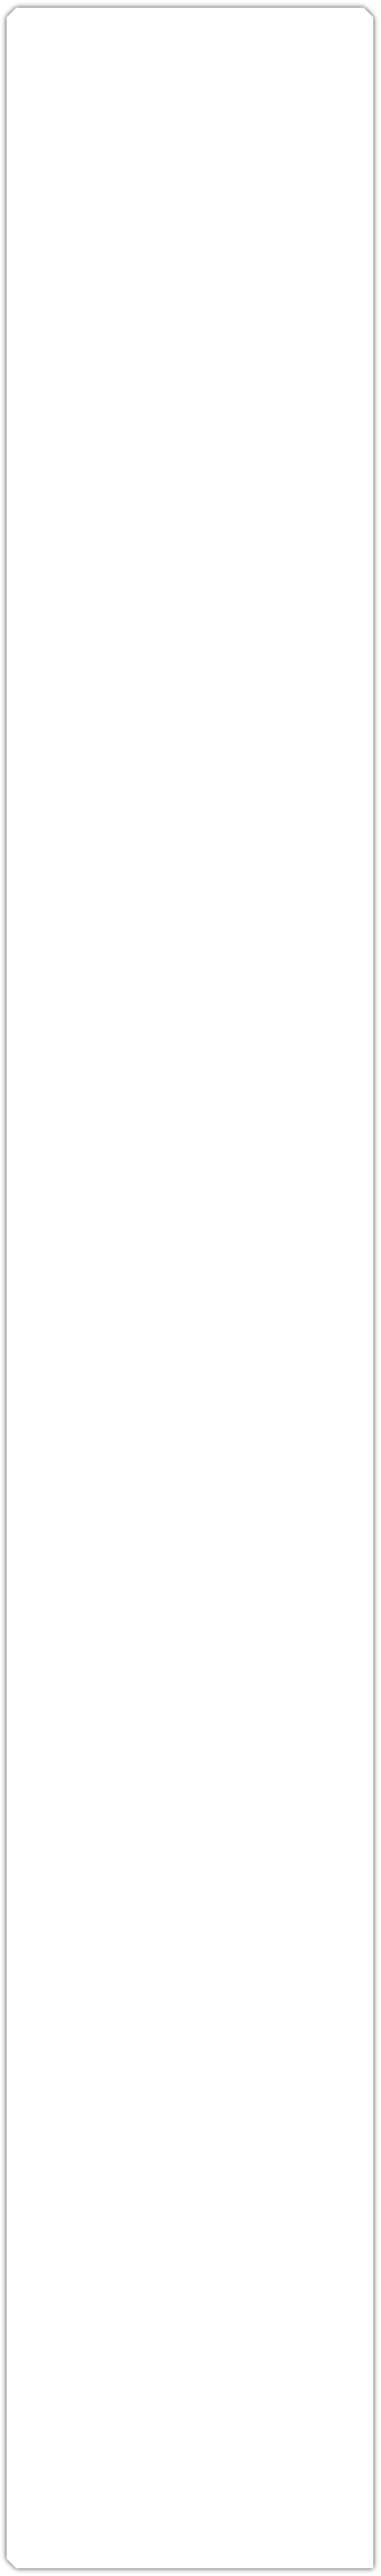 Text Backdrop 1